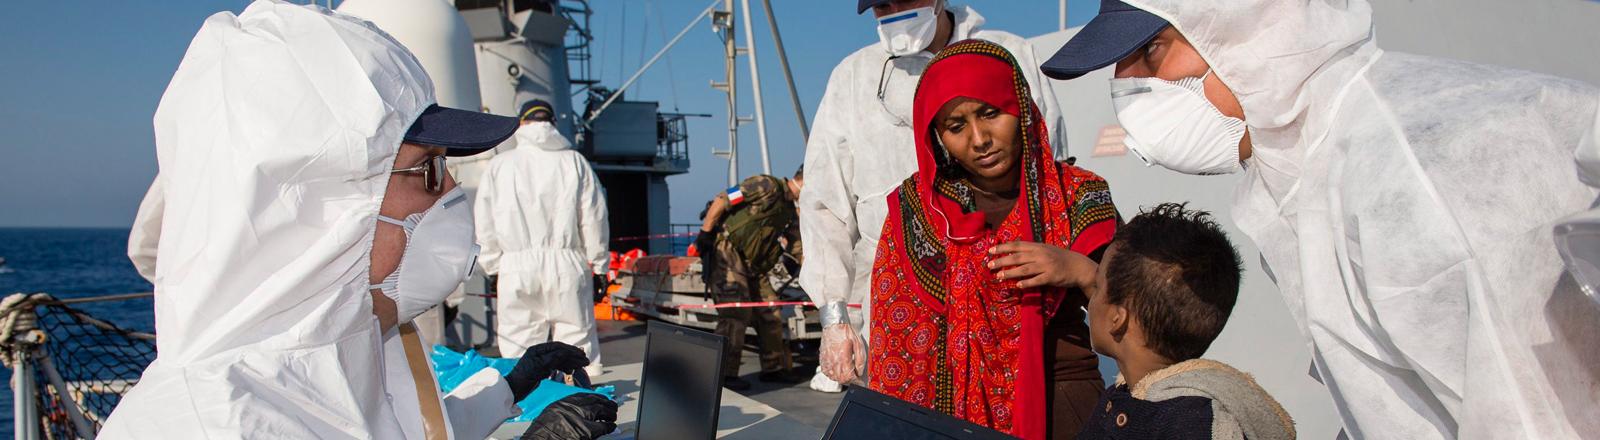 Frontex Mitarbeiter registrieren Flüchtlinge auf Hoher See